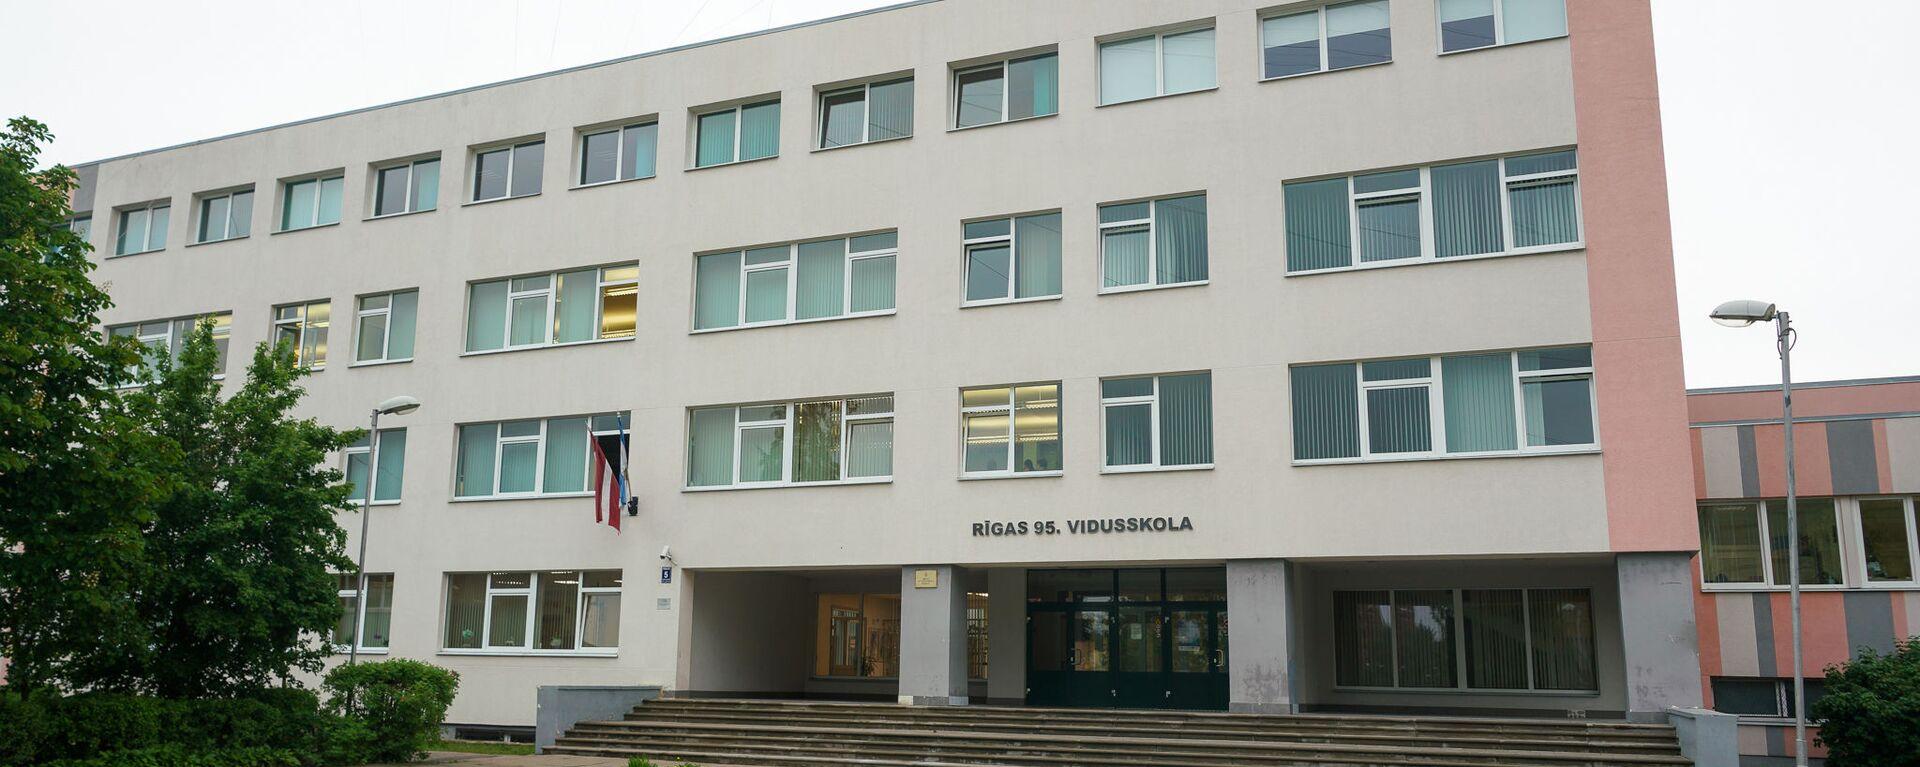 Здание 95-й Рижской средней школы - Sputnik Латвия, 1920, 20.08.2020